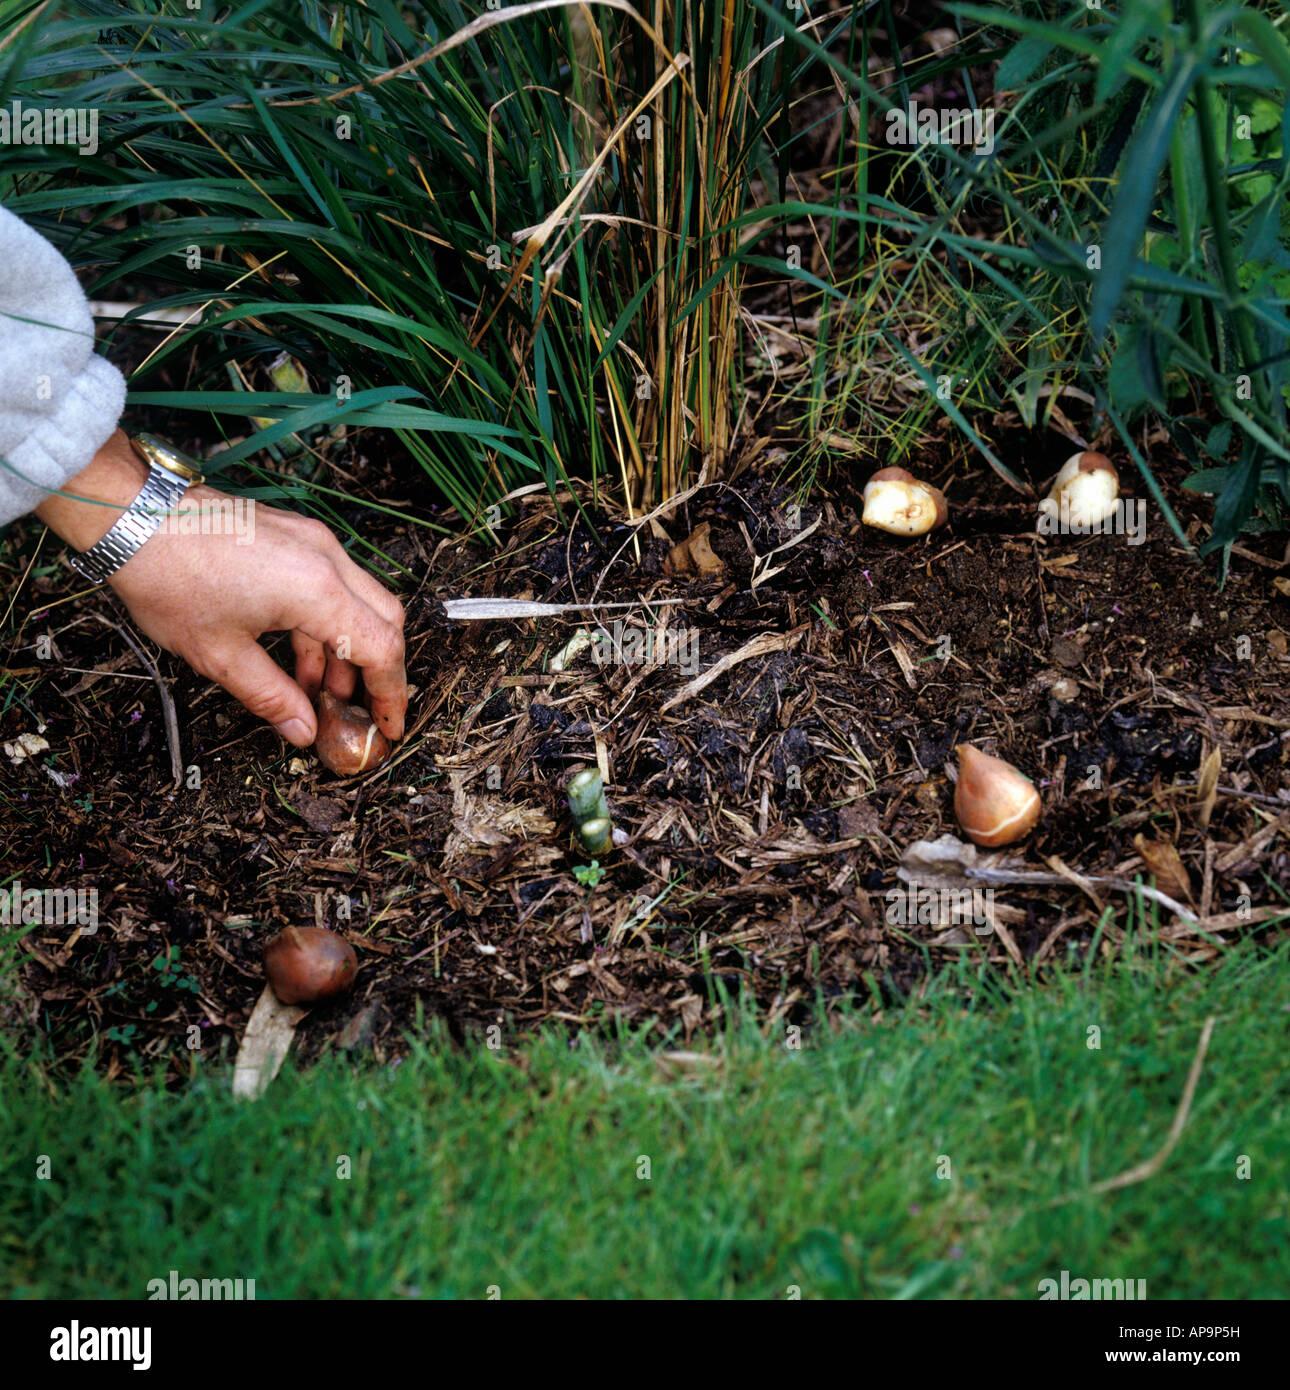 Piantare I Bulbi Di Tulipani piantare bulbi di tulipani foto & immagine stock: 15721948